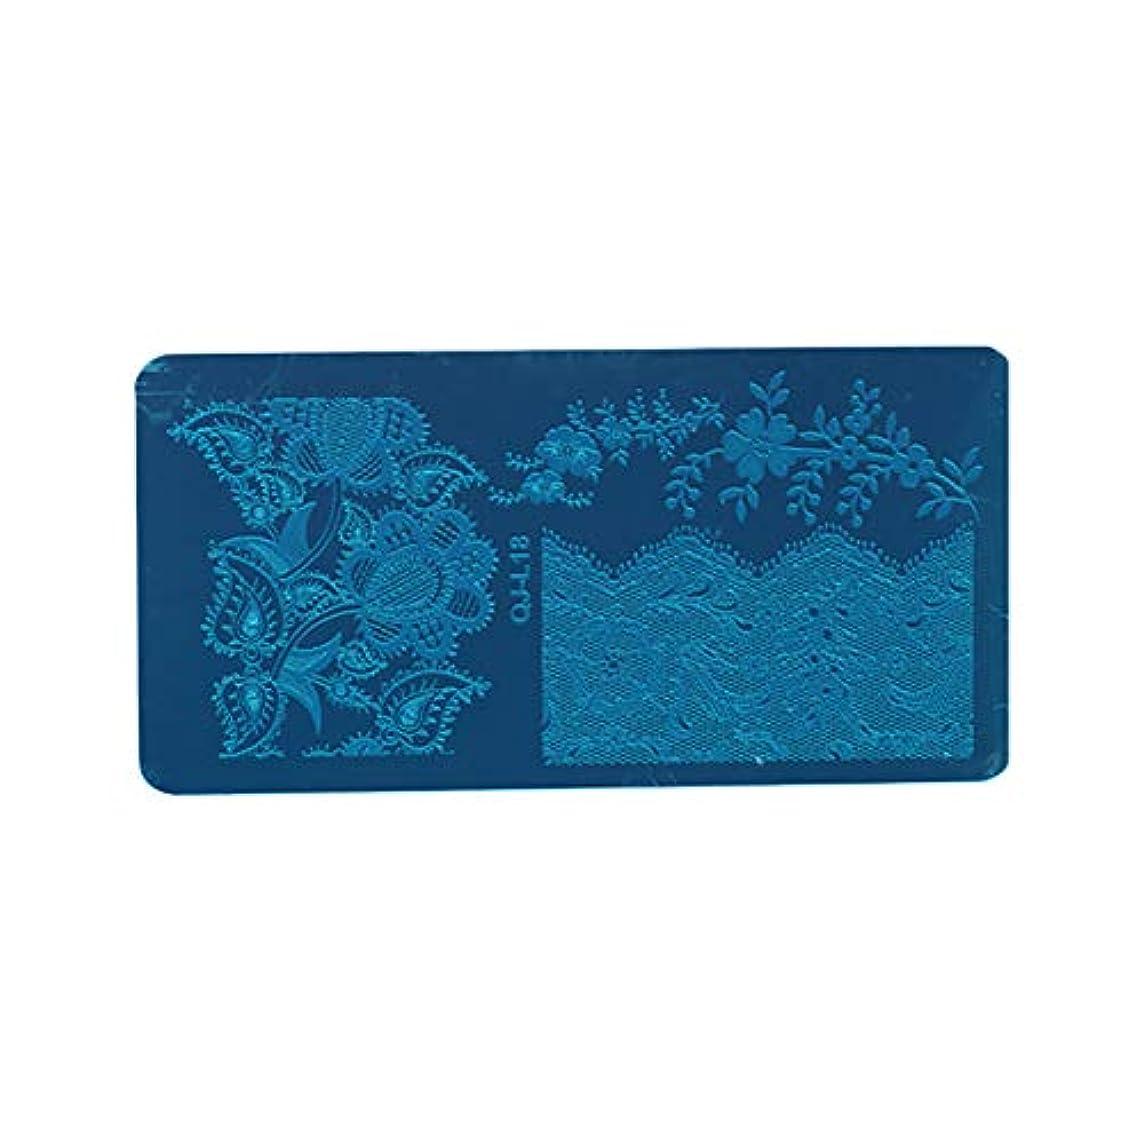 トムオードリース不毛の壊すDigakdog ネイルイメージプレート ヨーロッパ エレガント 花柄 スタンピングイメージプレート ネイルアートツール 家庭 ネイルサロン プレゼント 1枚